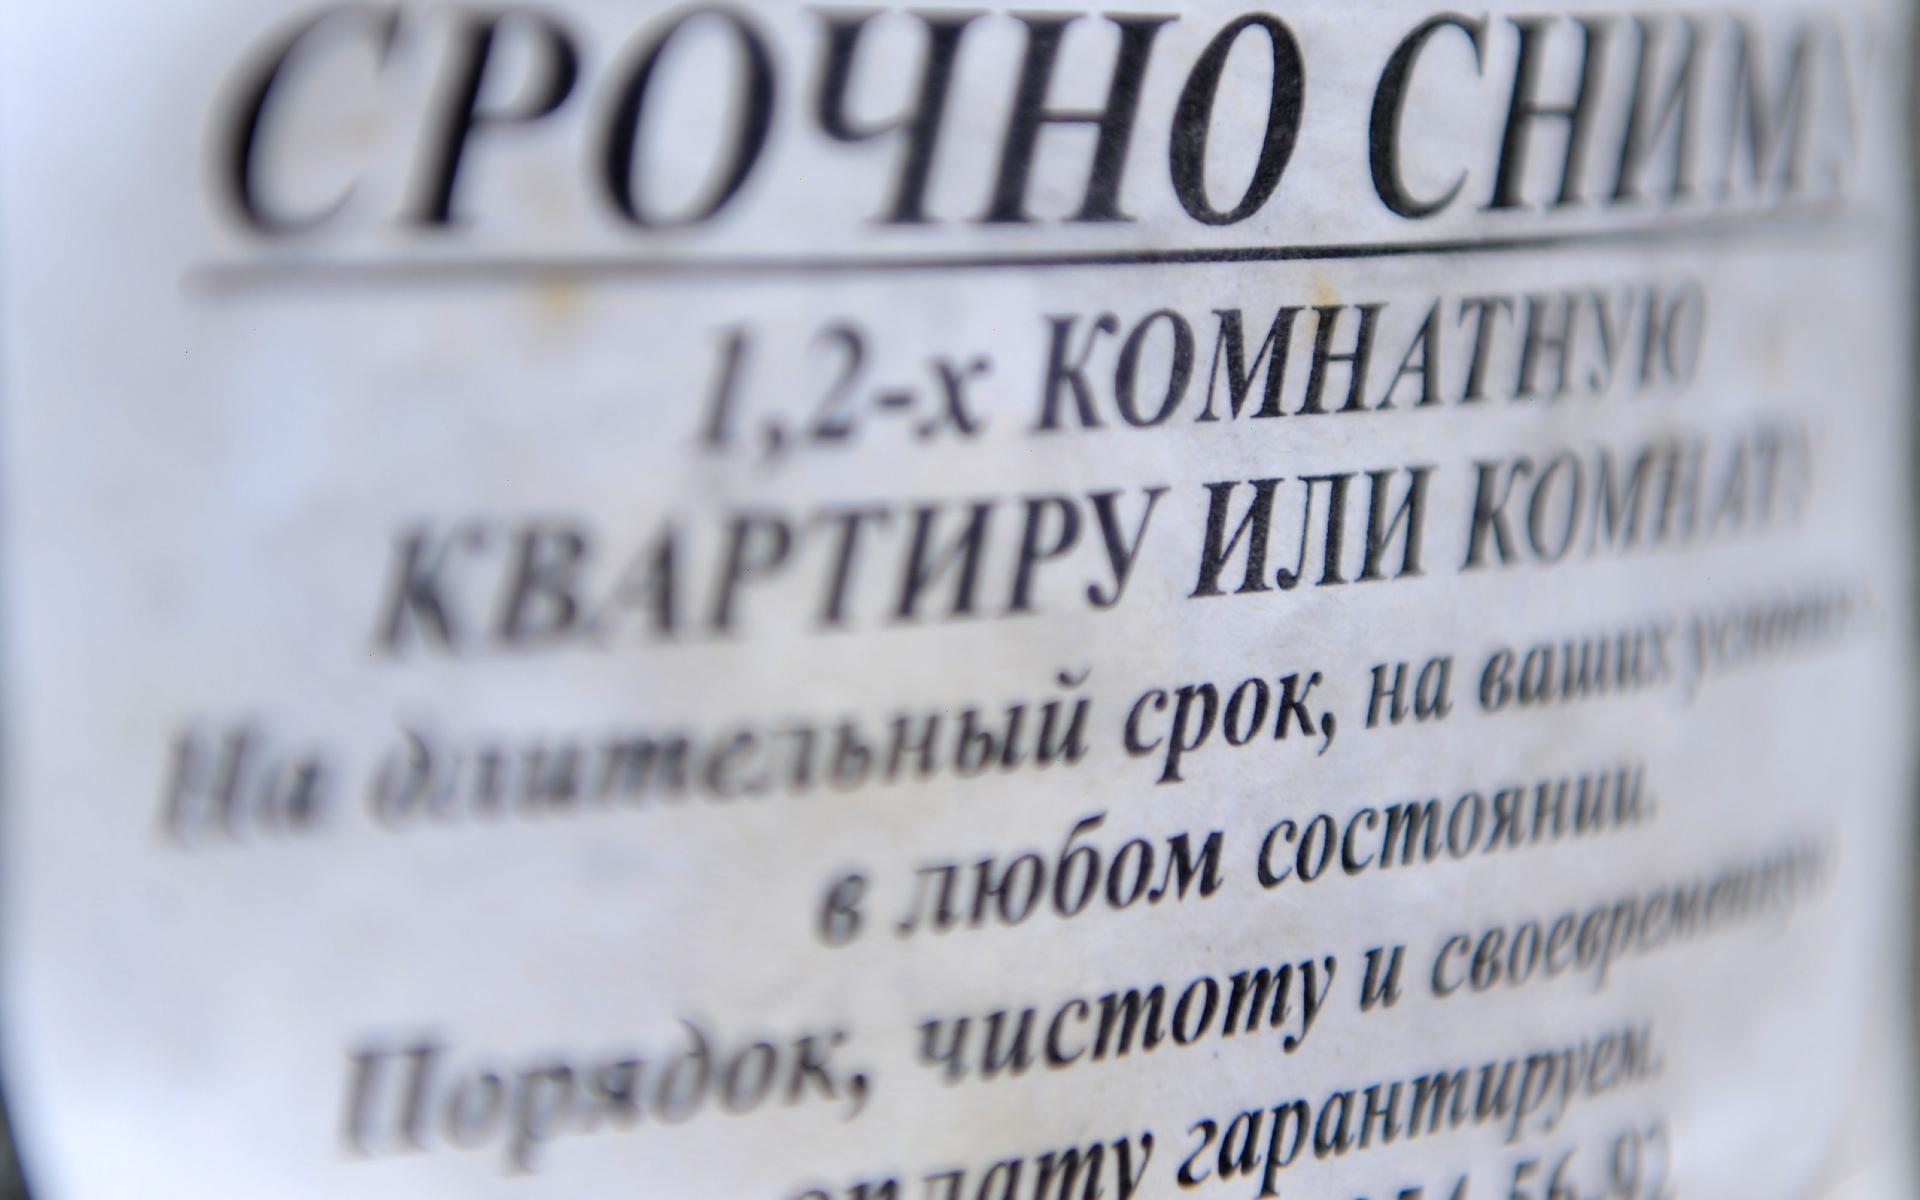 Объявление об аренде жилья в Москве